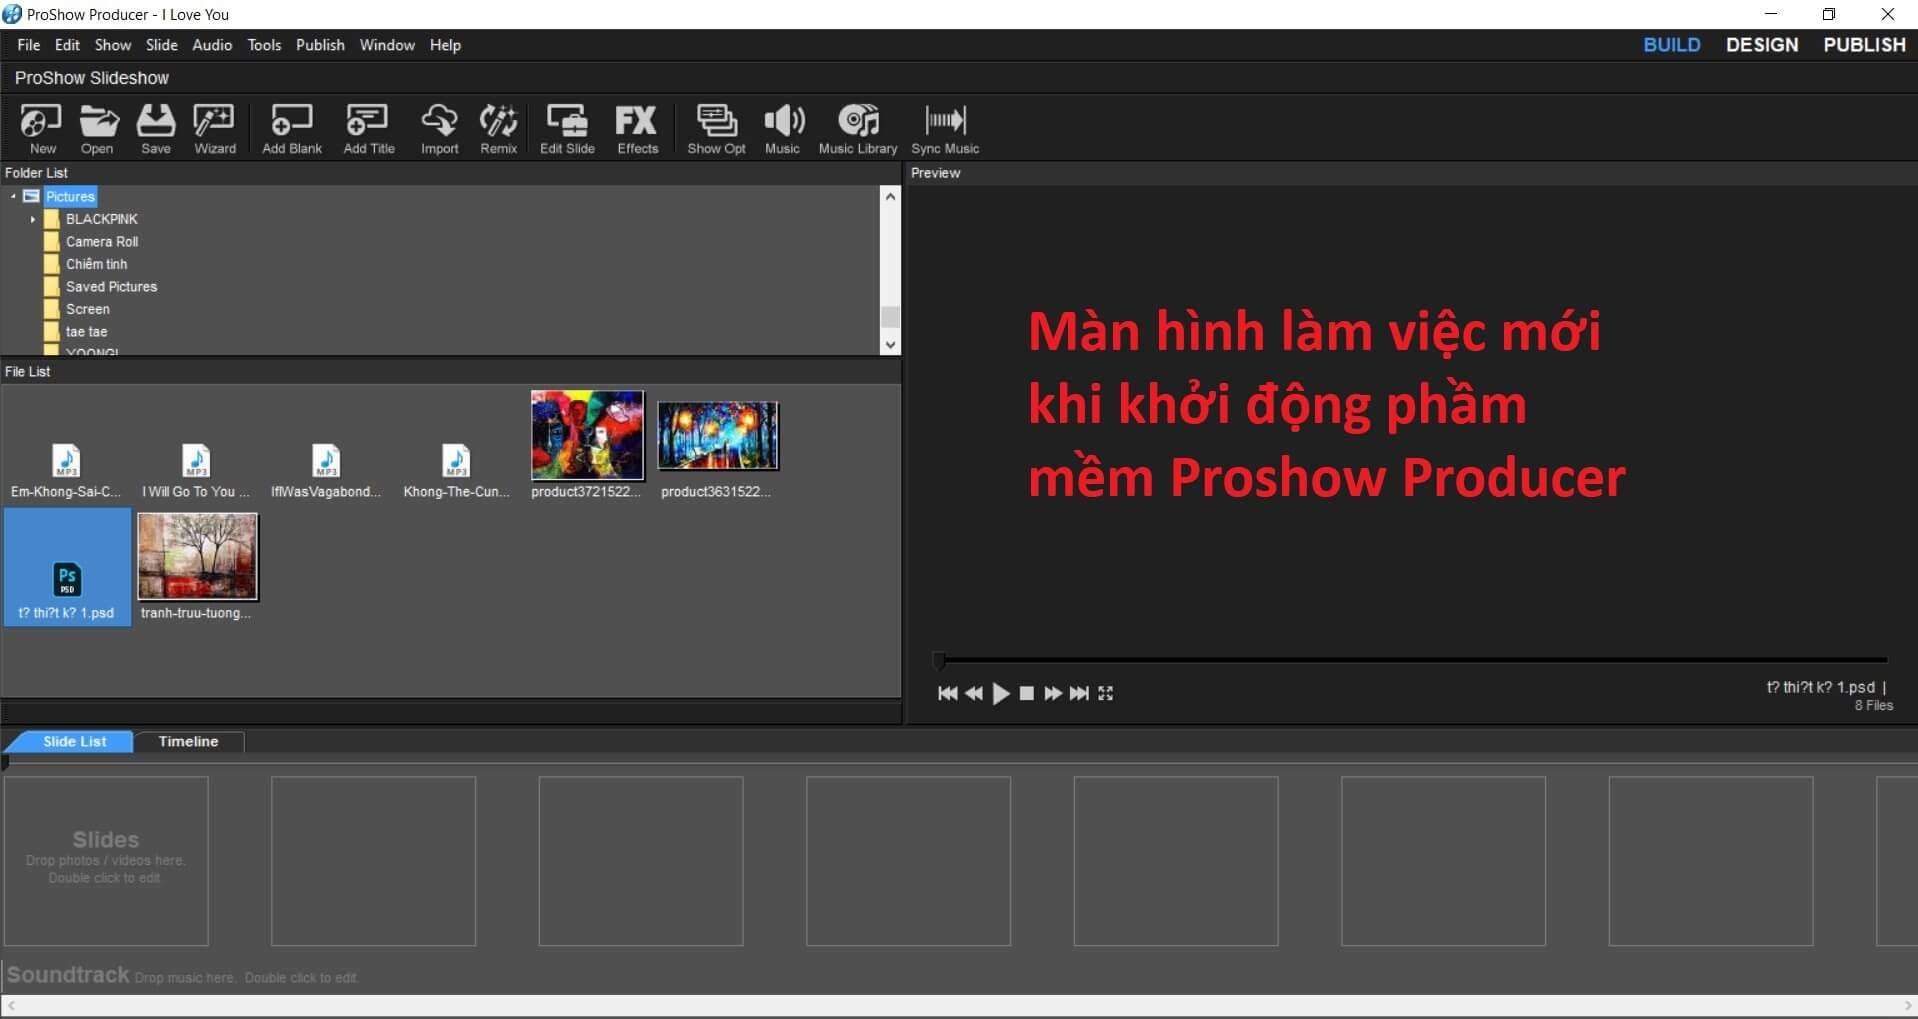 cach-make-video-slide-anh-bang-proshow-producer-1